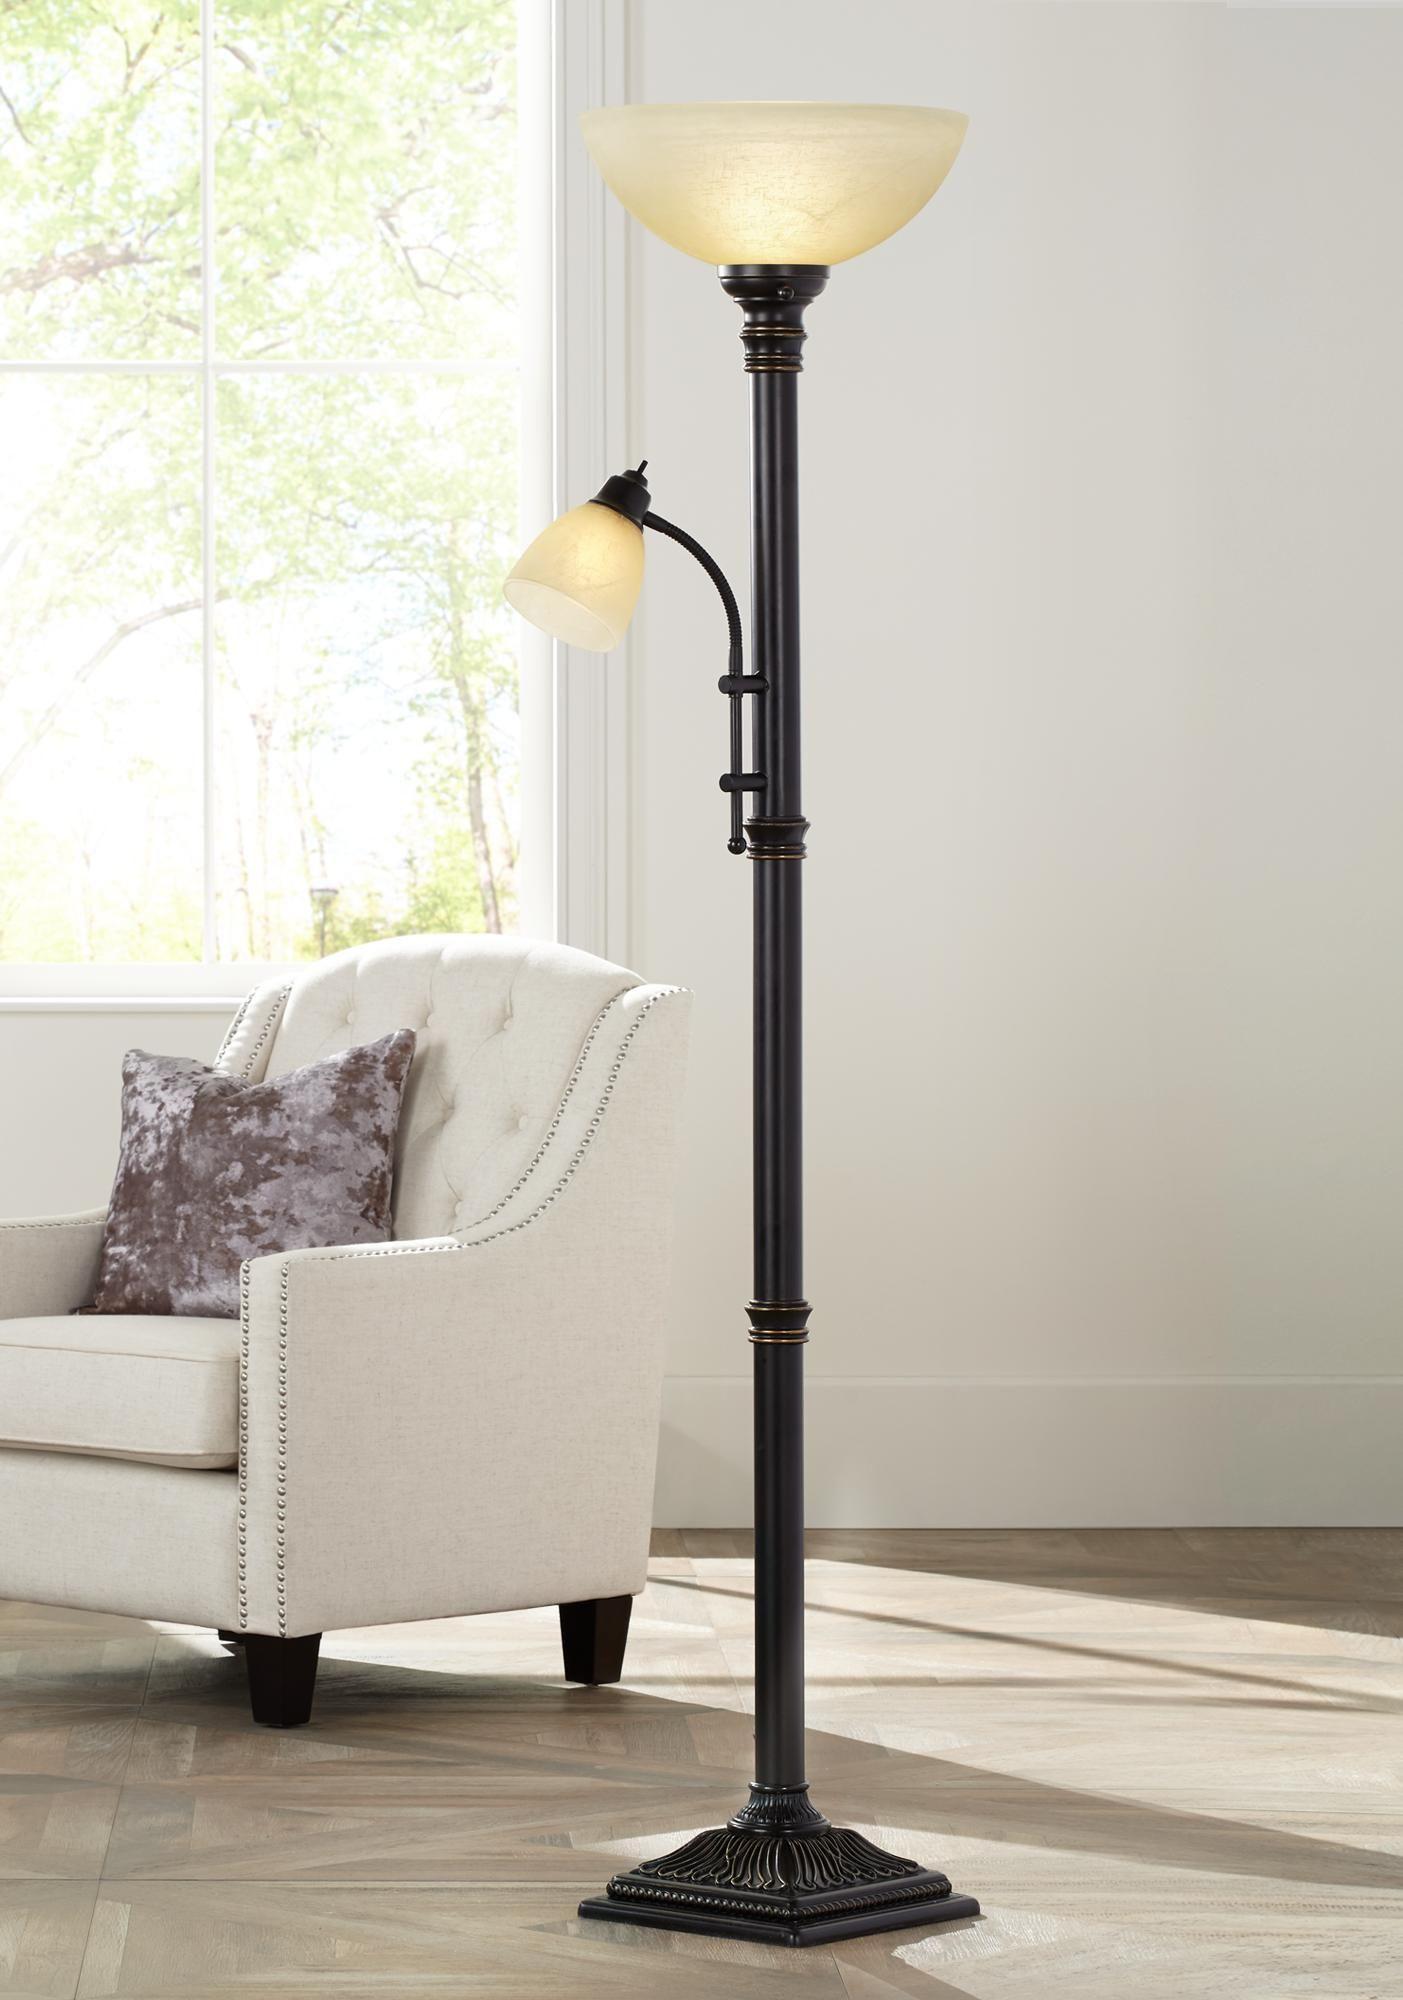 Garver Bronze Torchiere Floor Lamp With Reader Arm 8c397 Lamps Plus Torchiere Floor Lamp Floor Lamp Floor Lamp With Shelves